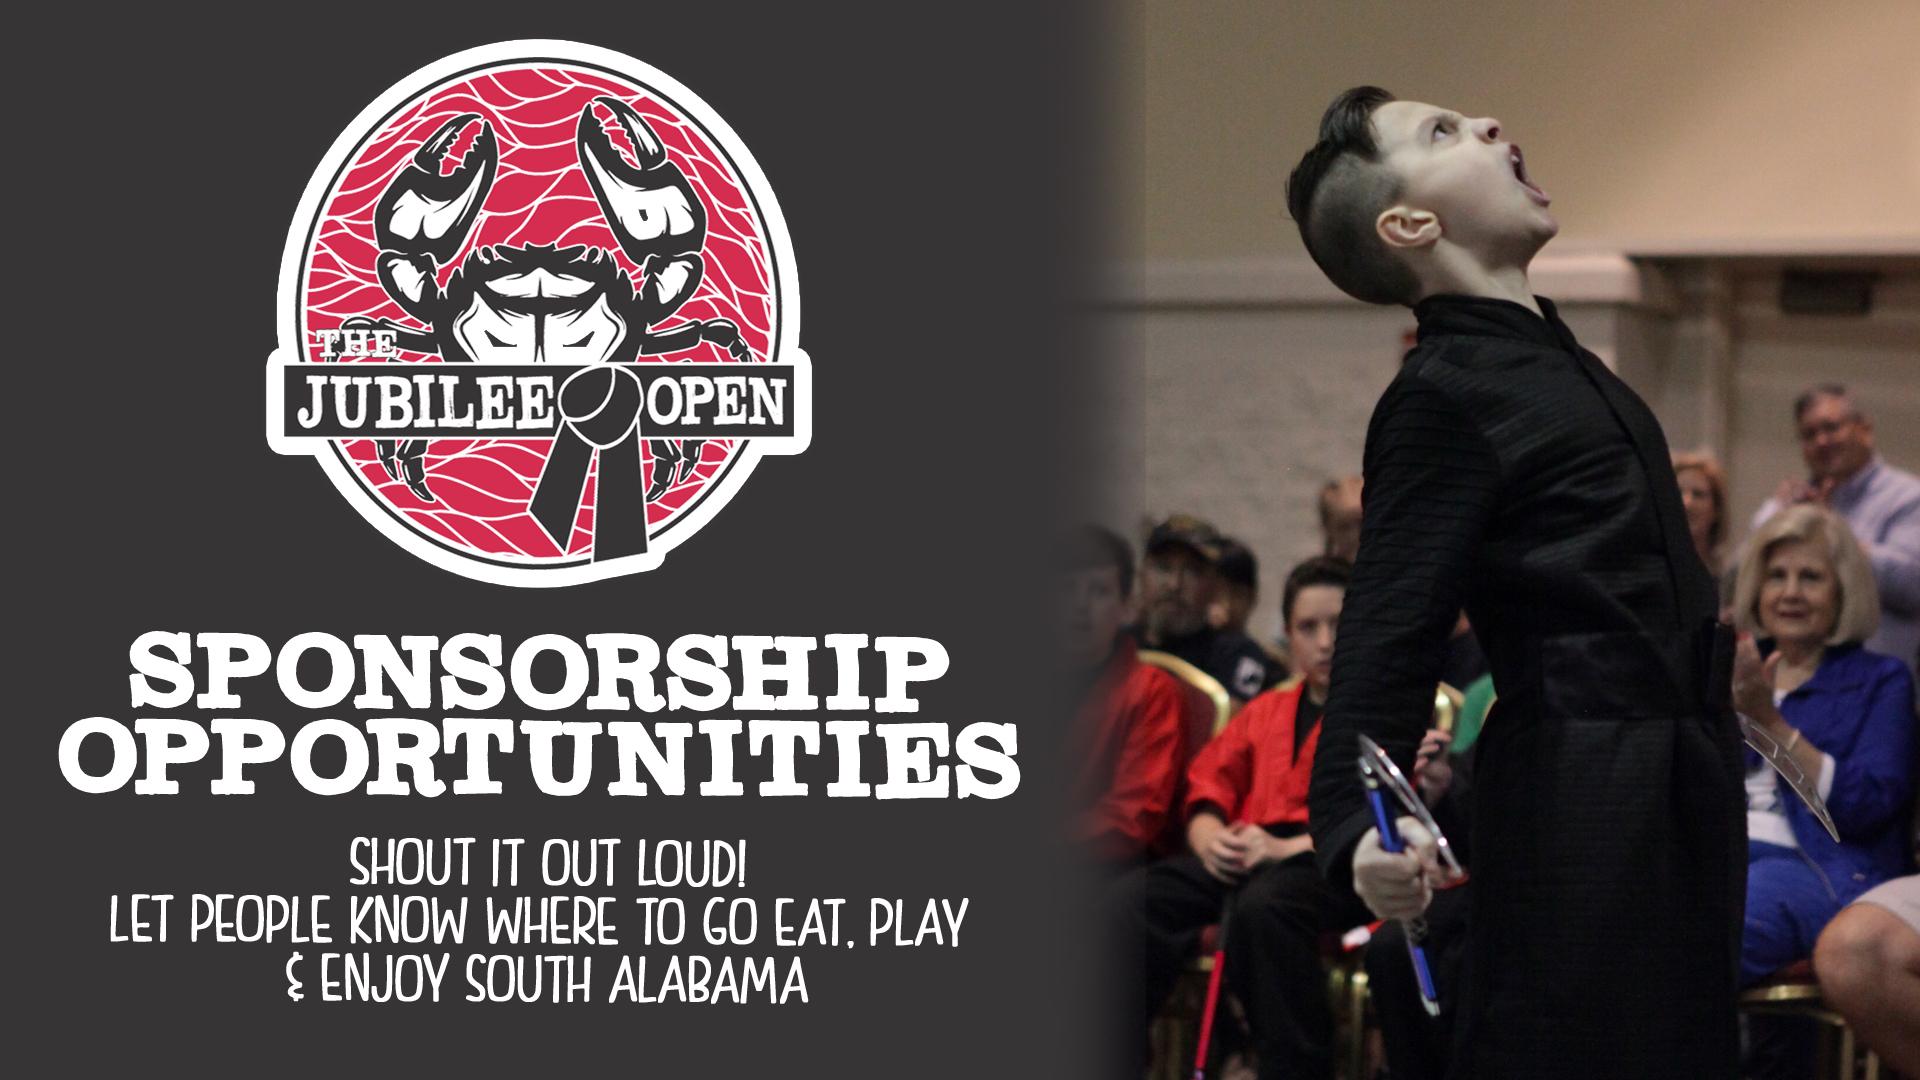 jubilee open sponsorship opportunities